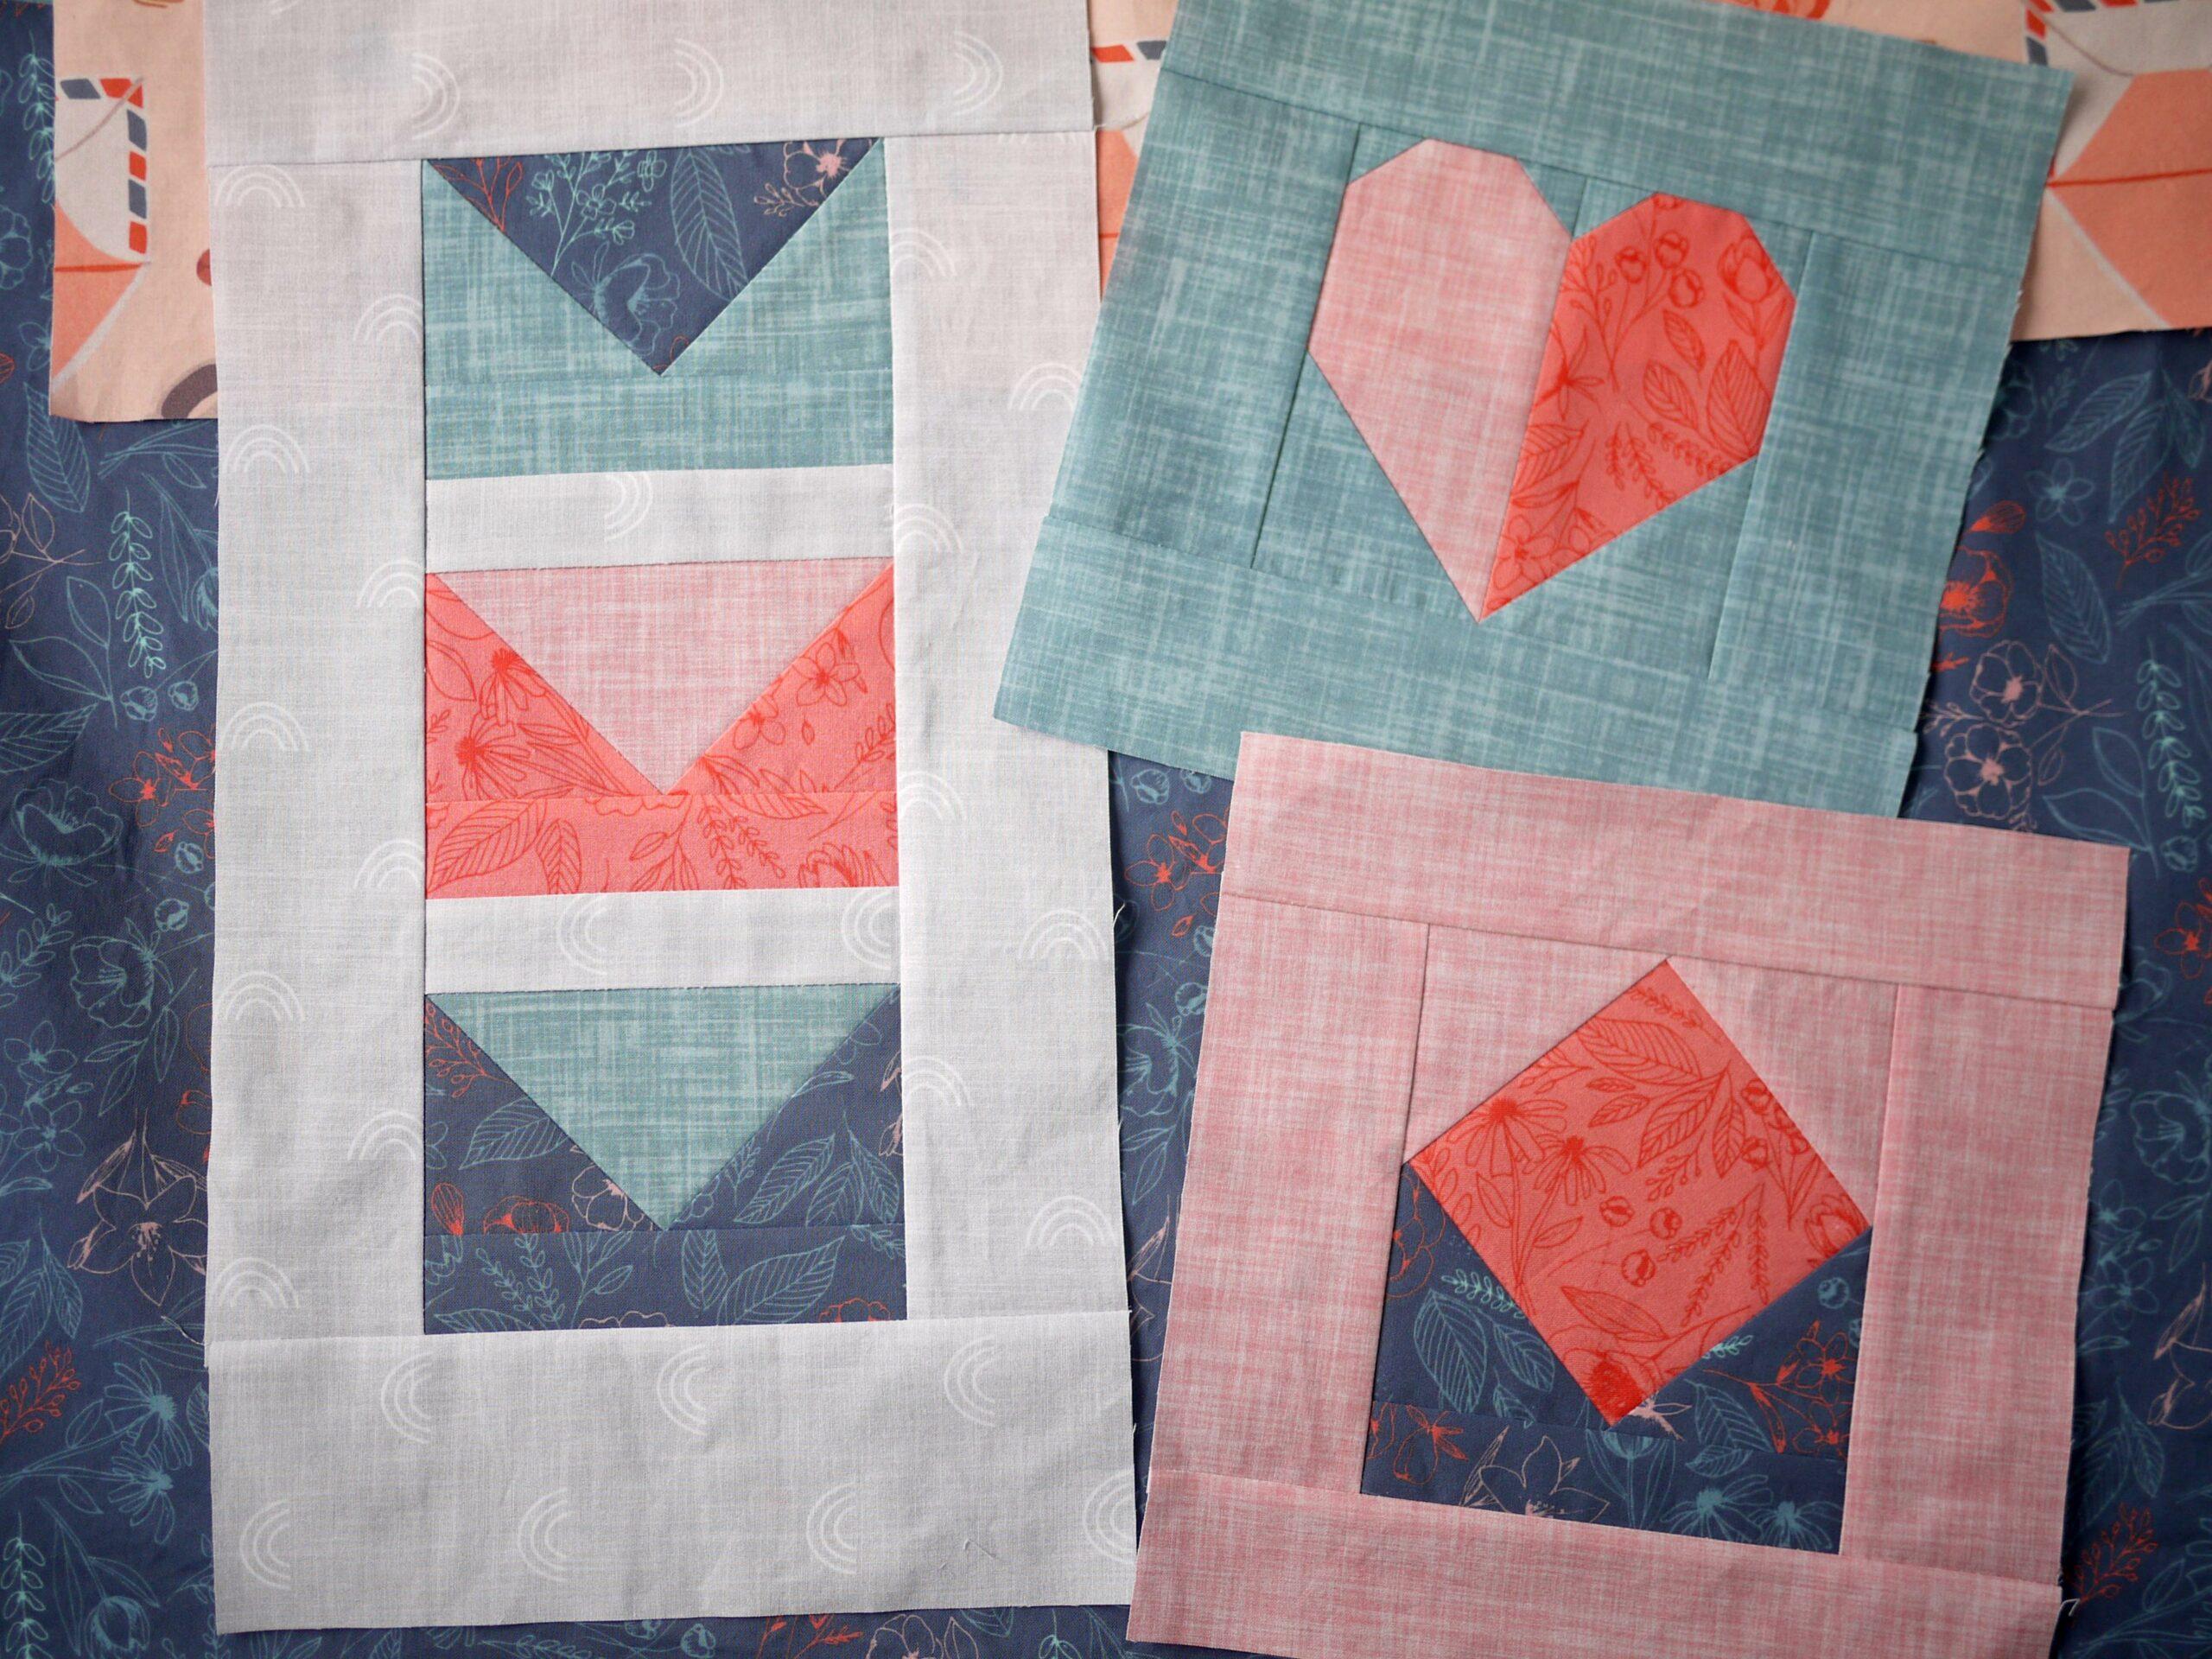 Drei Quilt-Quadrate mit den geplanten Motiven